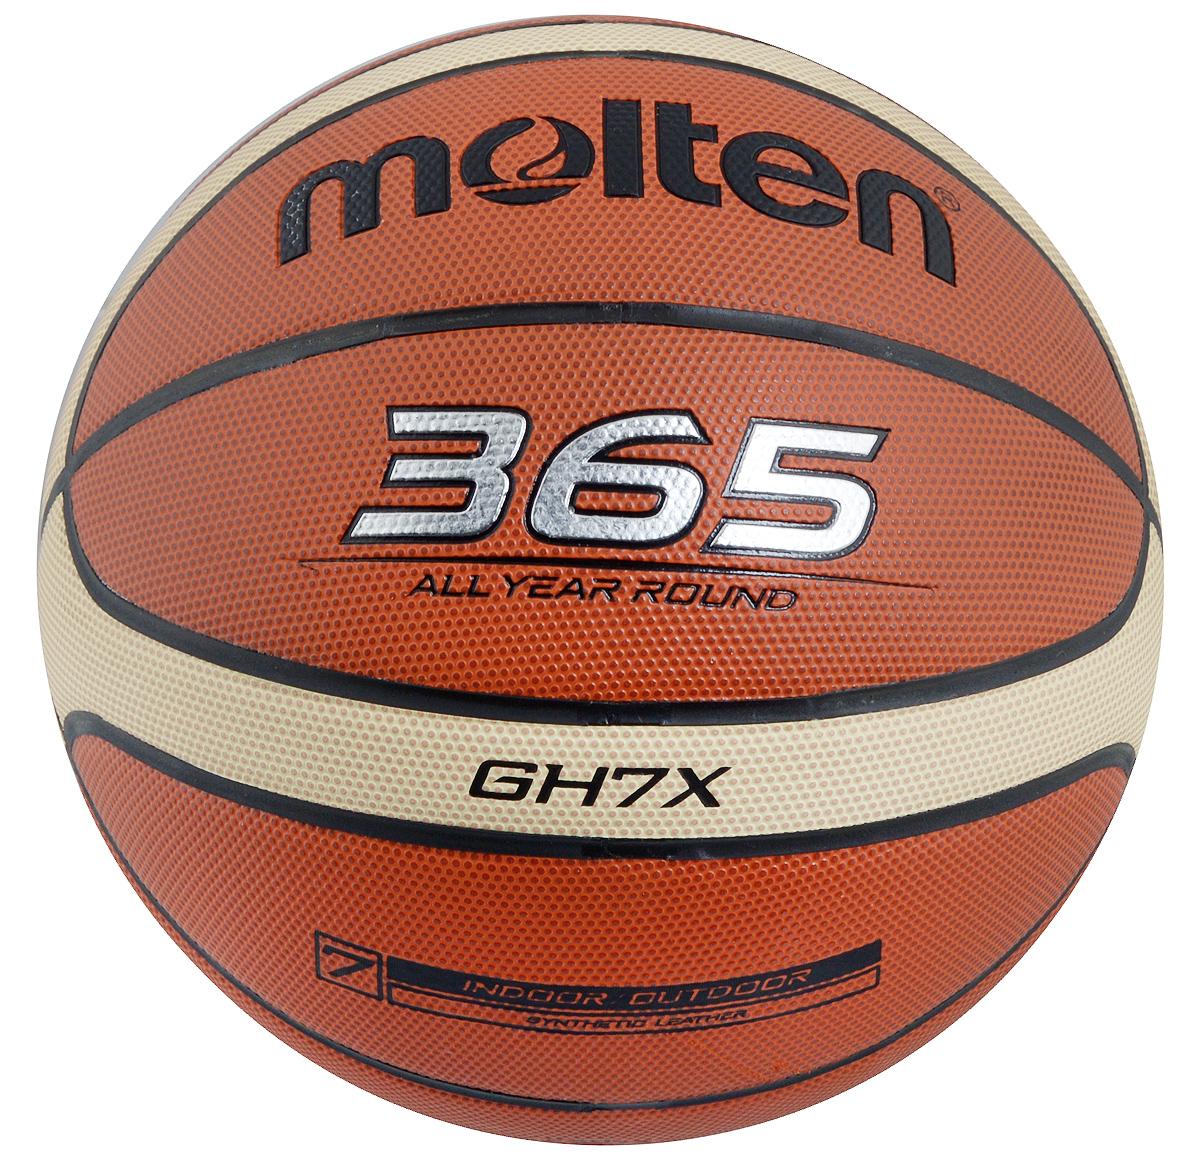 Мяч баскетбольный Molten, цвет: терракотовый, бежевый. Размер 7. BGH7X120330_black/whiteБаскетбольный мяч Molten прекрасно подходит для игр или тренировок в зале и на улице. Покрышка из синтетической кожи (поливинилхлорид). Шероховатая поверхность служит для оптимального контроля мяча при его подборе и в других игровых ситуациях. Увеличенная износостойкость. 12-панельный дизайн.